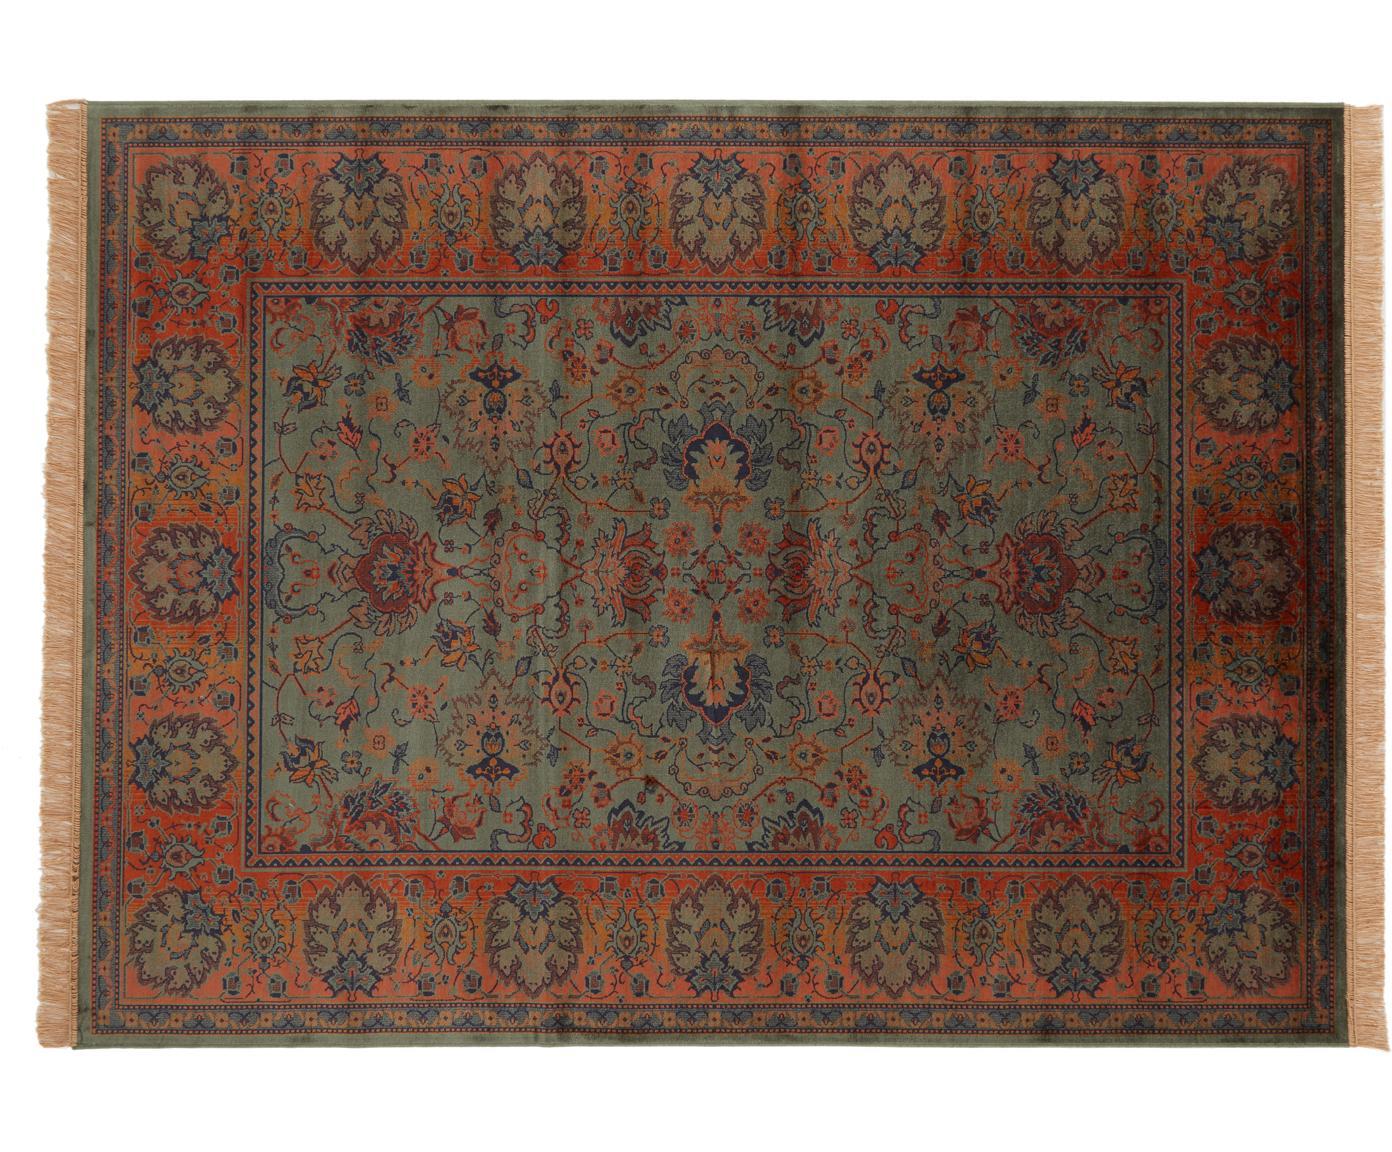 Teppich Bid mit Blumenmuster im Orient Style, Flor: 38%Rayon, 26%Baumwolle,, Grüntöne, Rottöne, Blau, Beige, B 170 x L 240 cm (Grösse M)